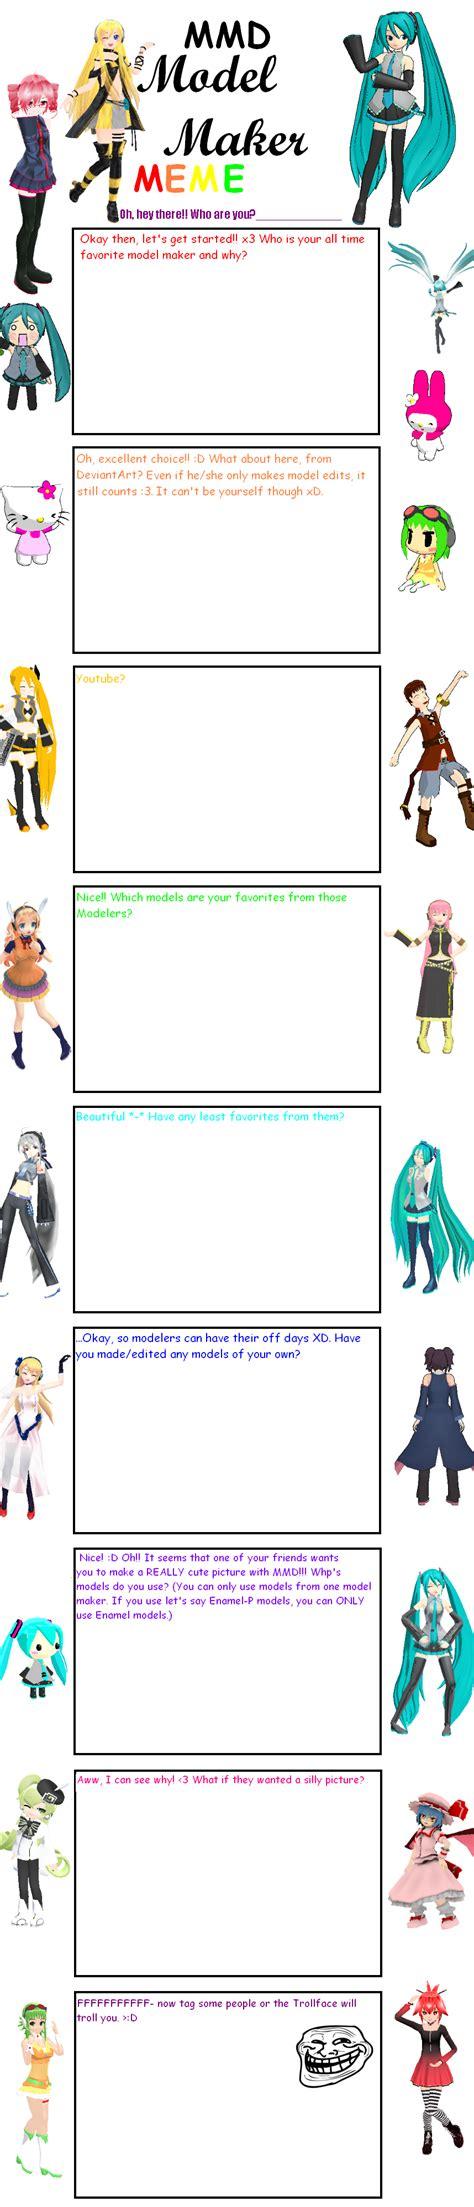 Blank Meme Maker - mmd model maker related keywords mmd model maker long tail keywords keywordsking